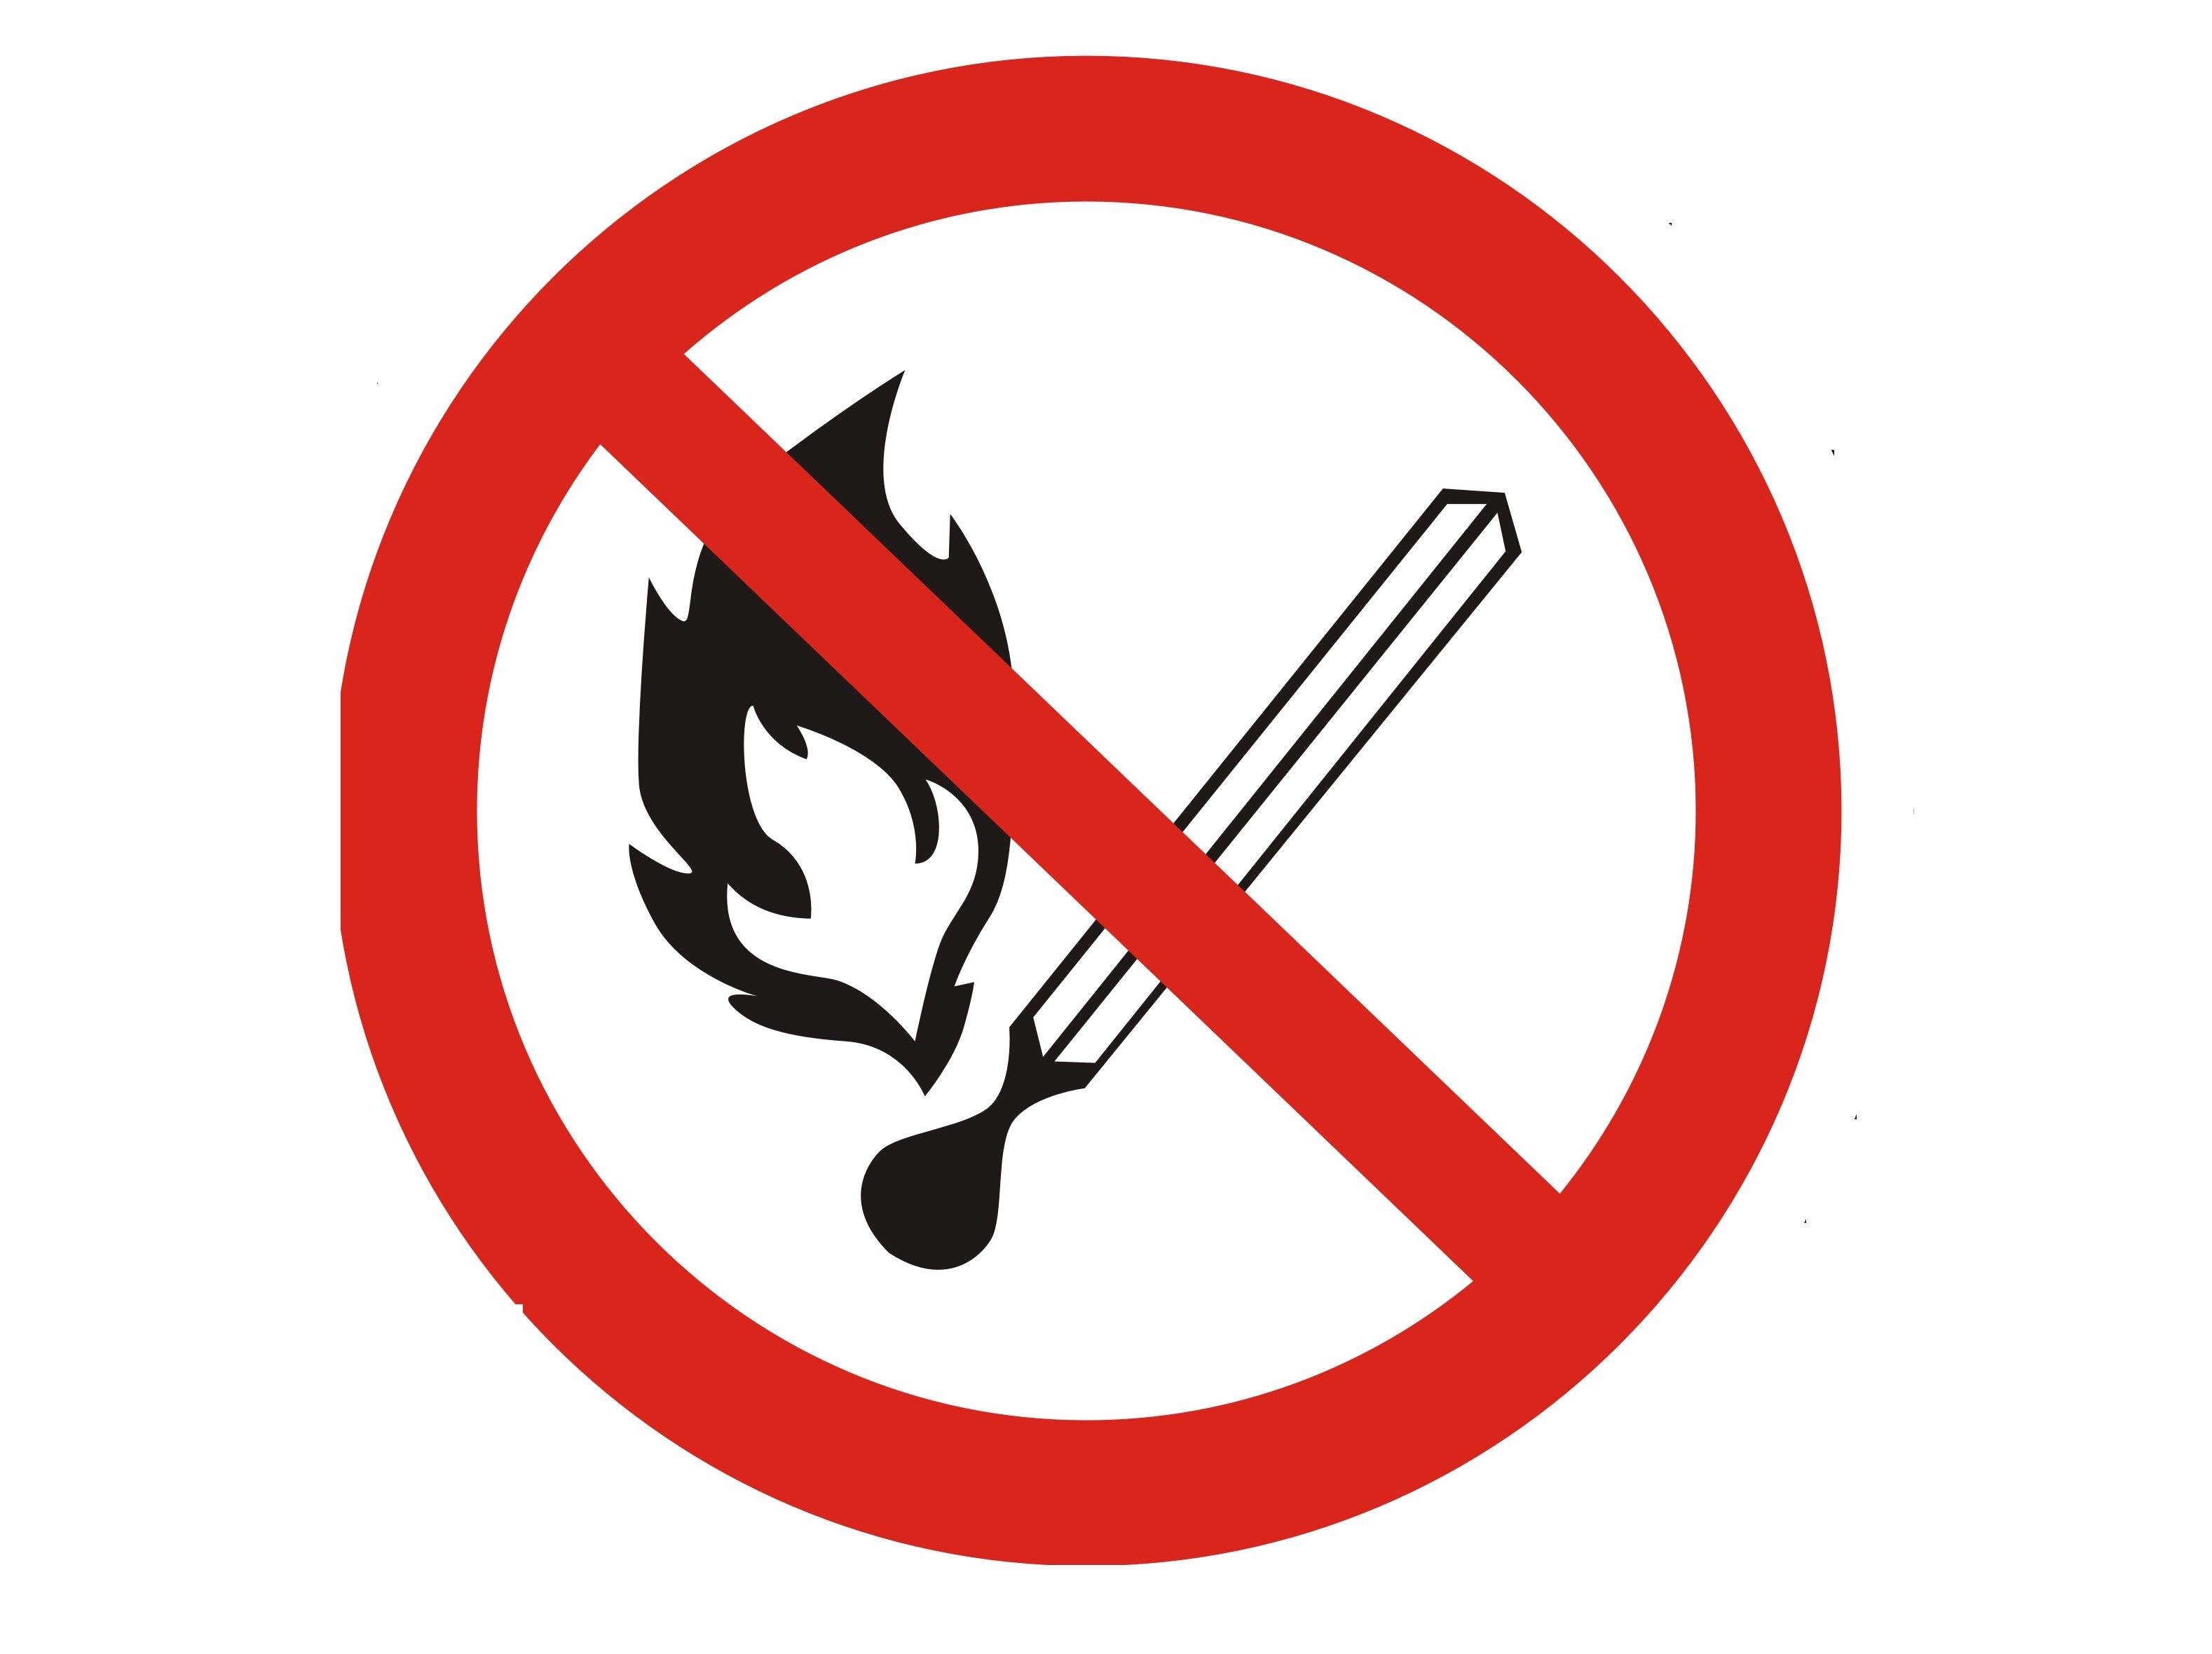 Наклейка знак Запрещается пользоваться открытым огнем 20см